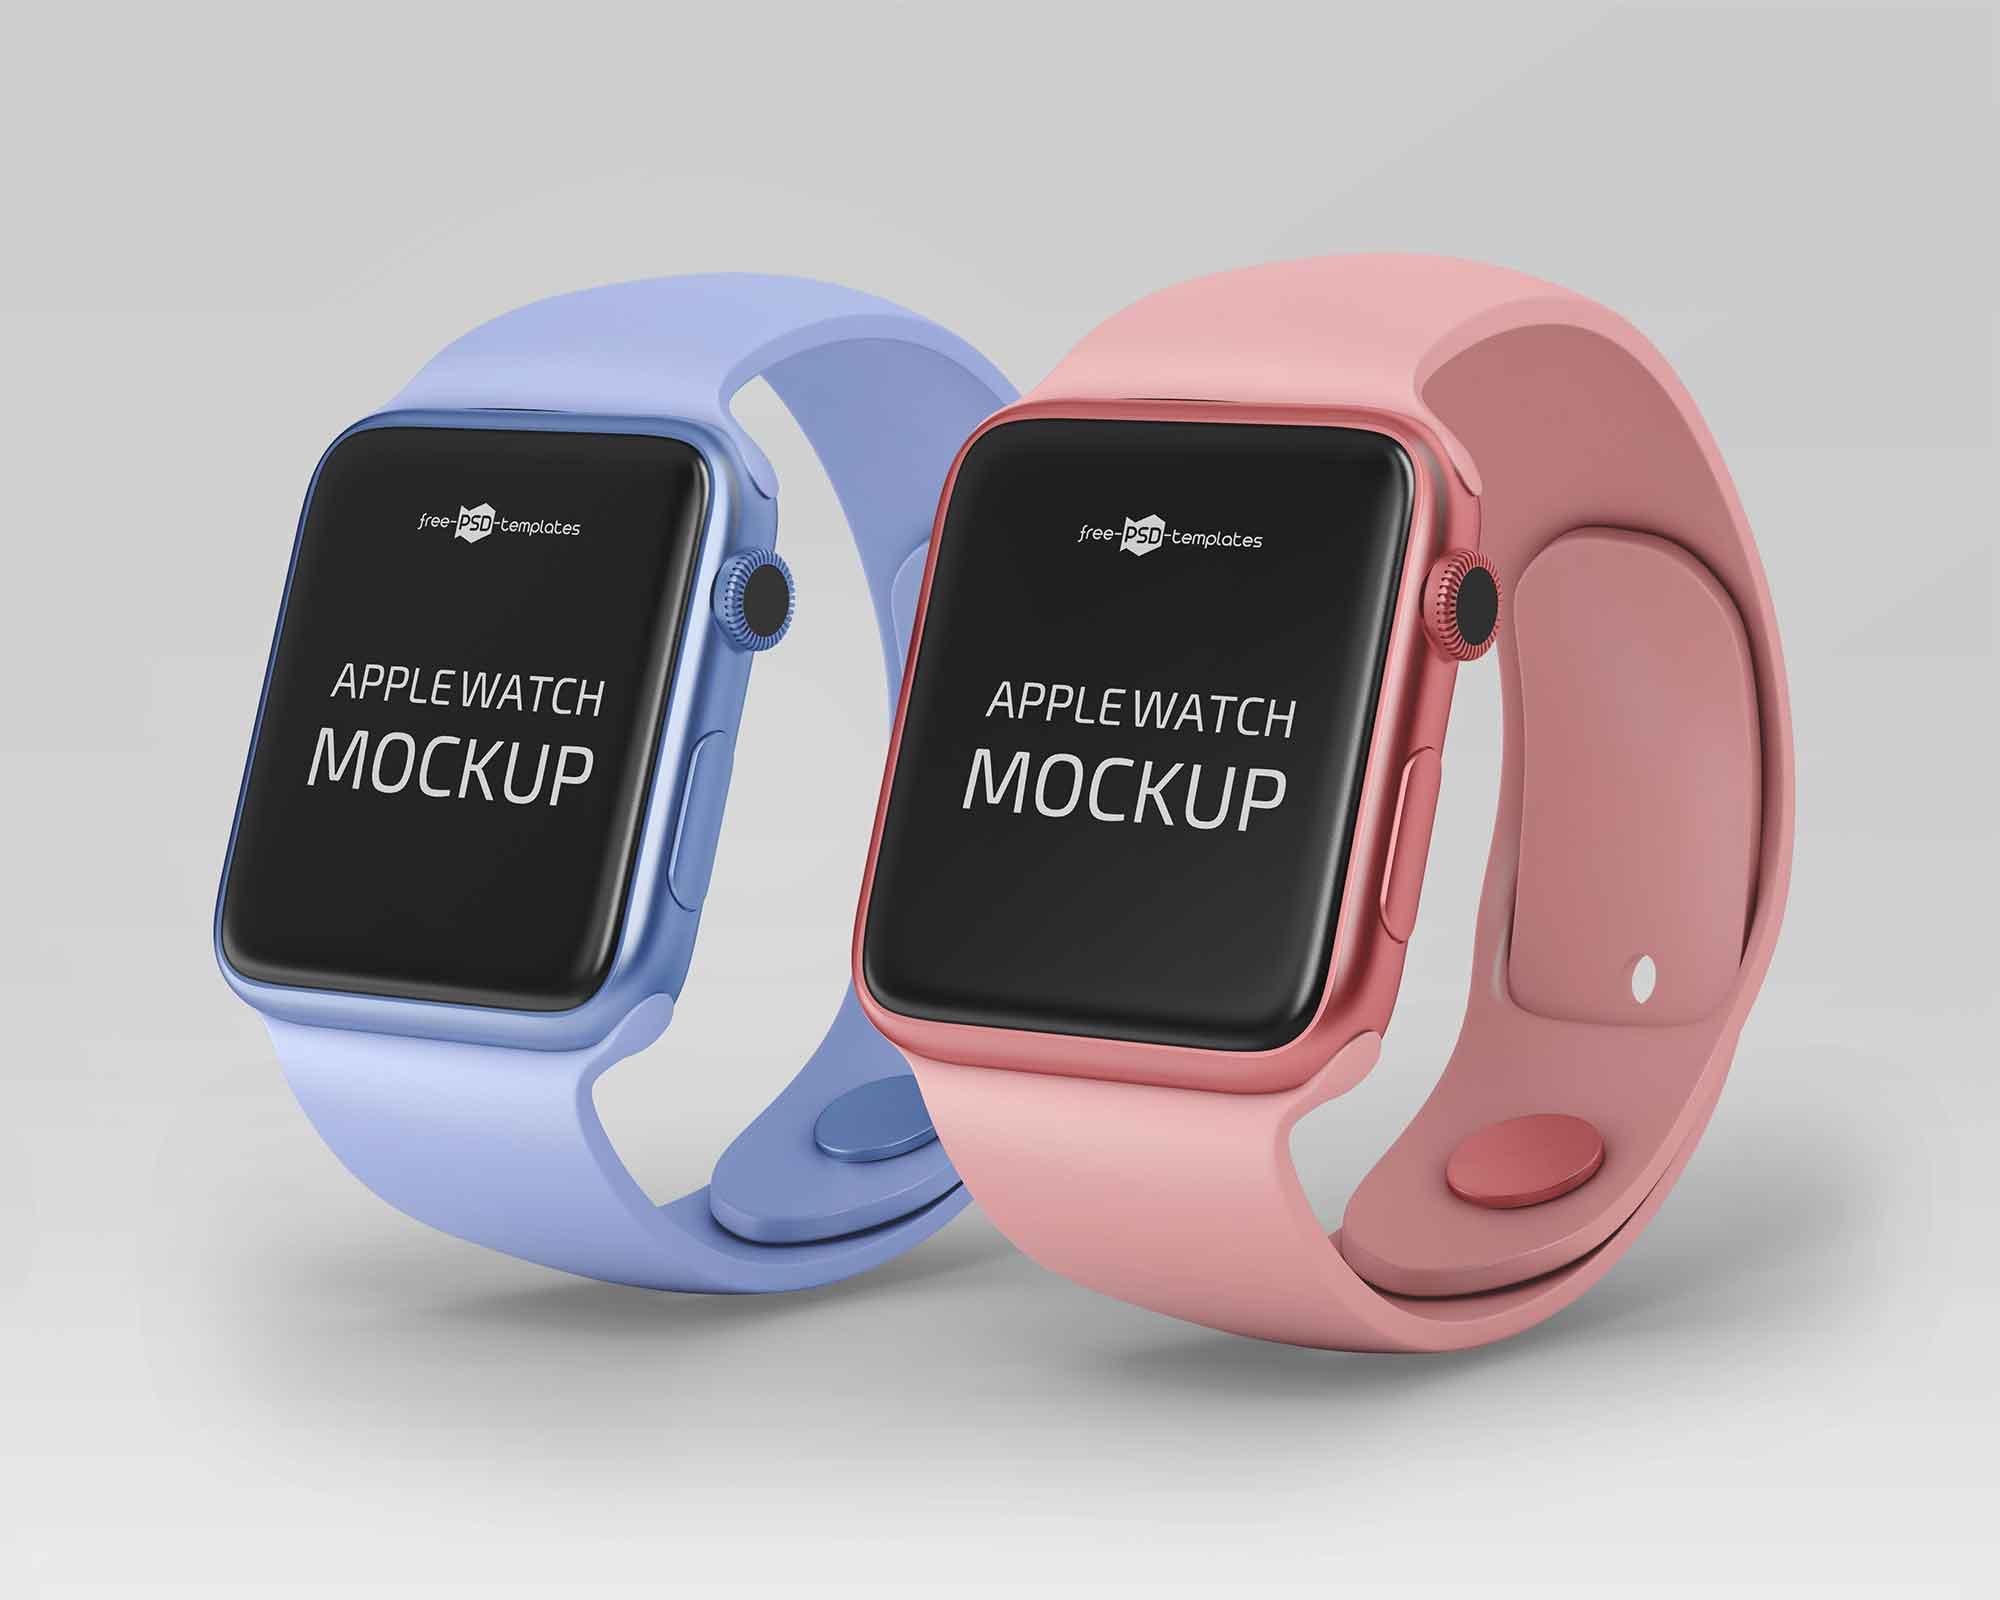 Apple Watch Mockup 3